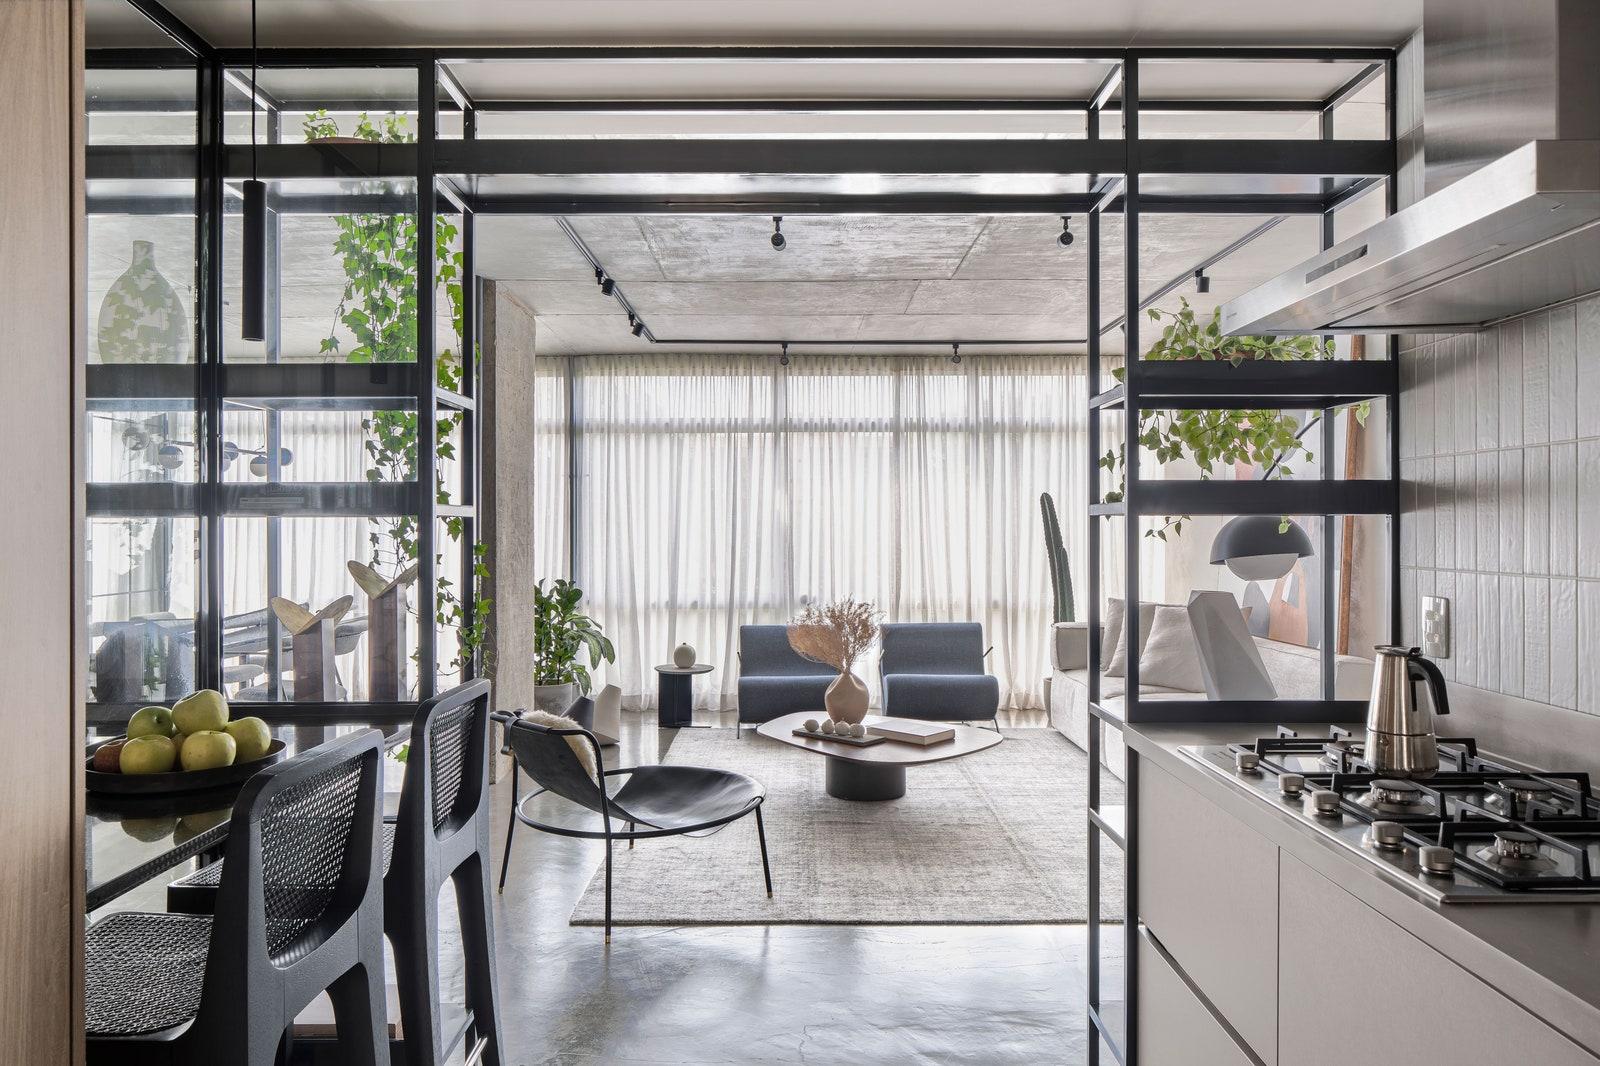 Những nguyên tắc khi thiết kế nội thất theo phong cách Brutalism